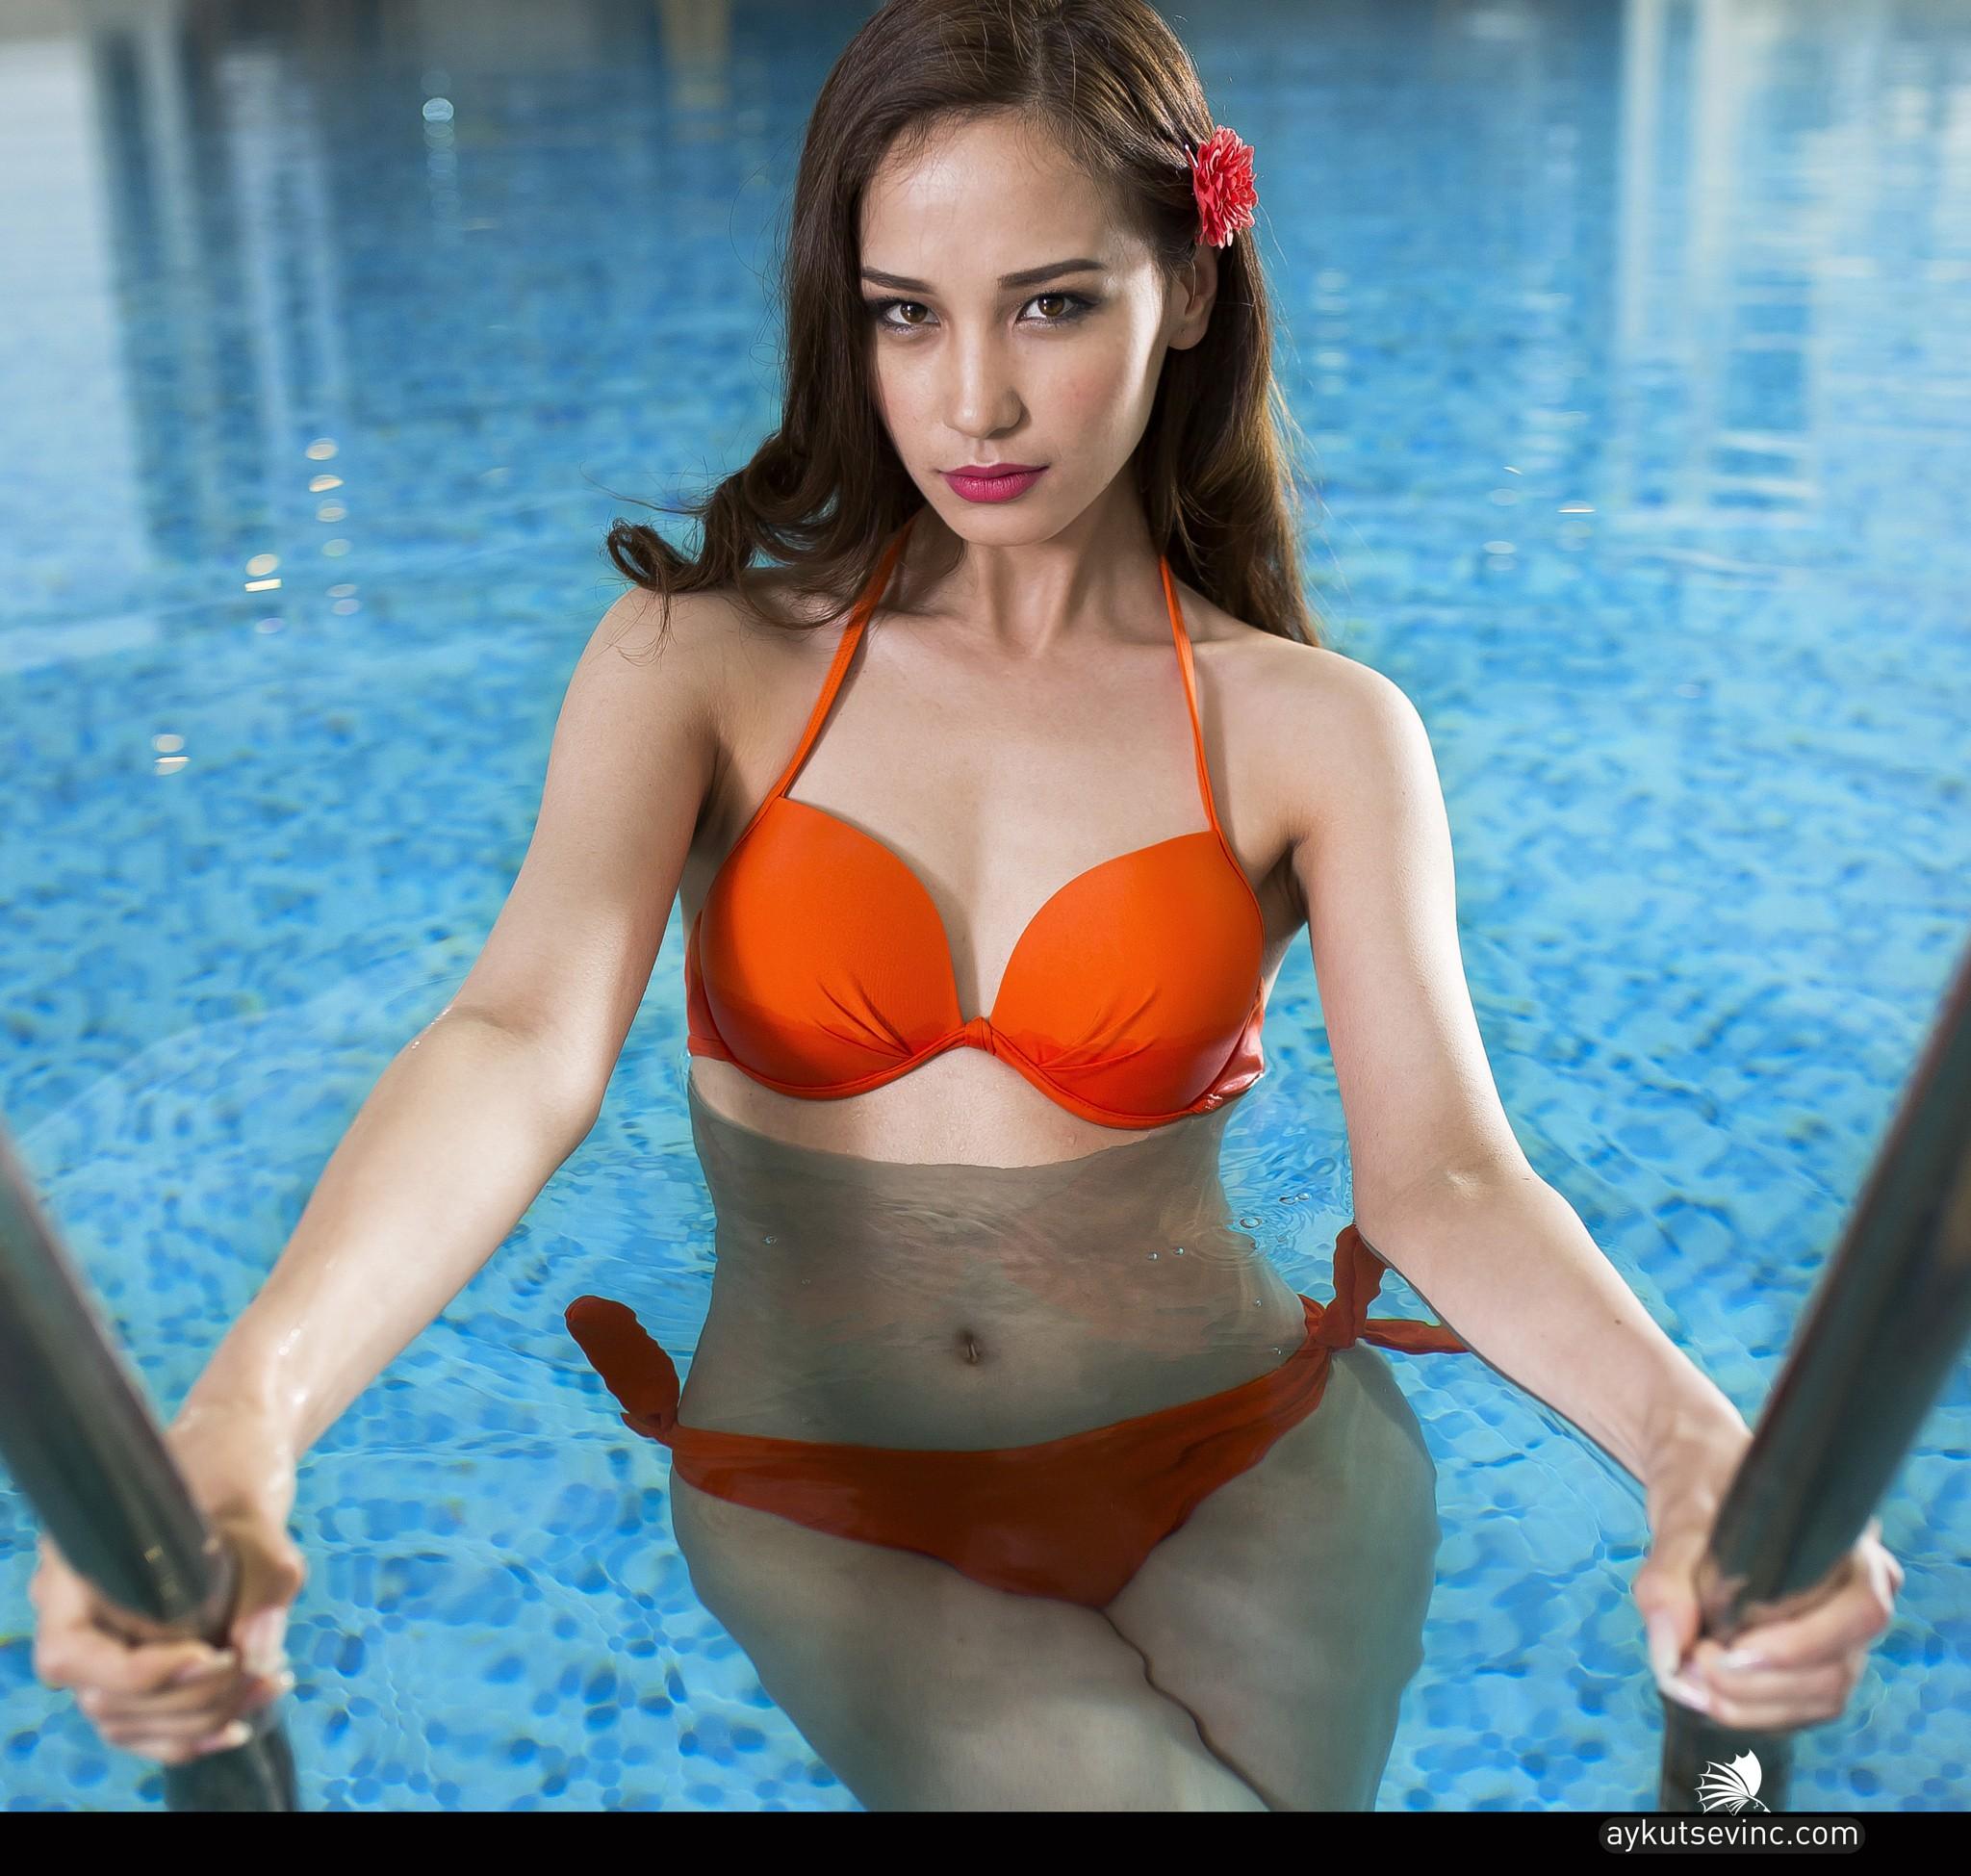 38dc7ed8f mulheres modelo piscina bikini lingerie Roupa de banho roupas Supermodelo  peito sessão de fotos abdômen coxa